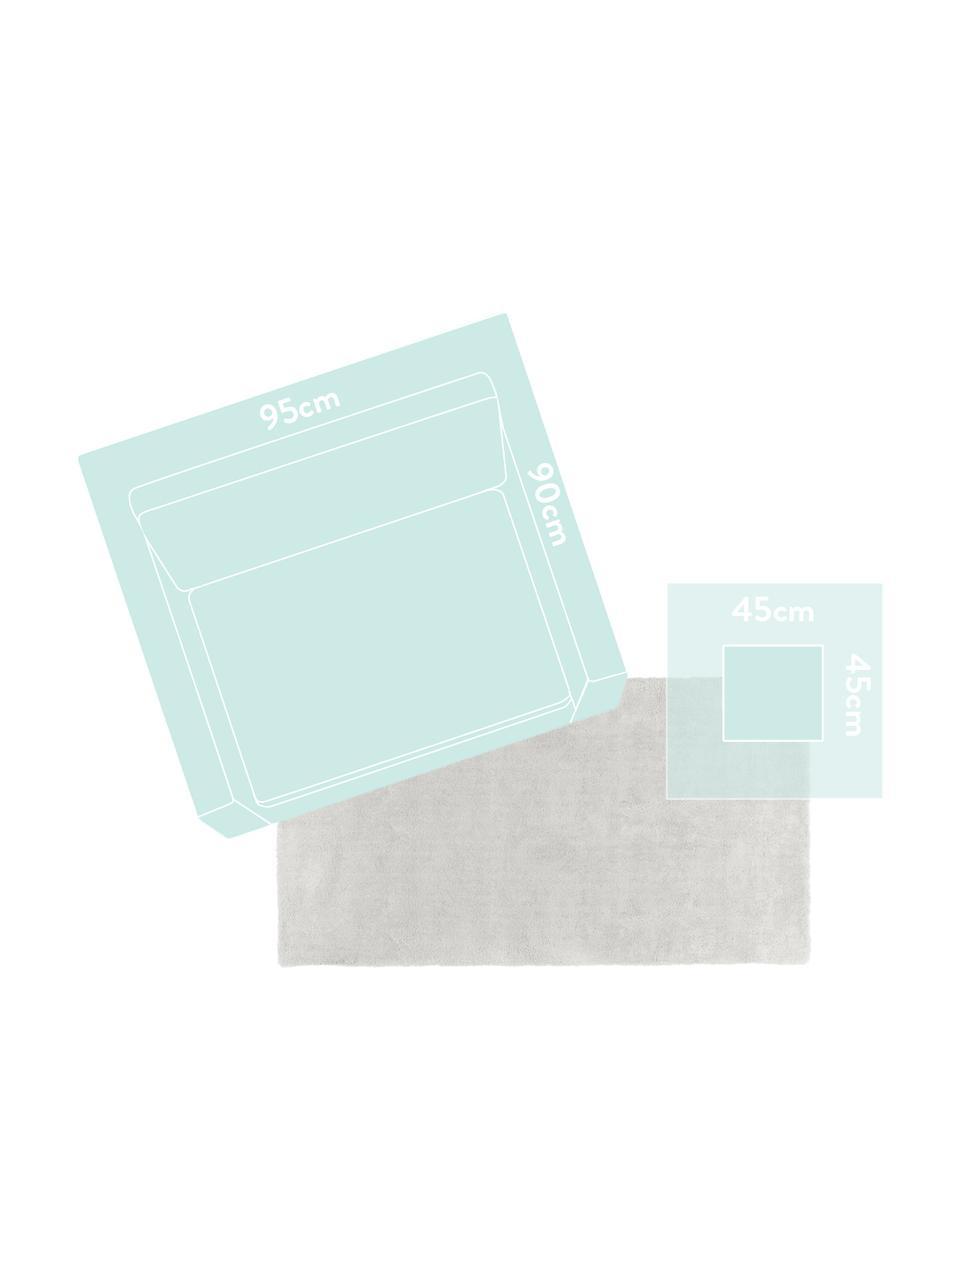 Tappeto morbido a pelo lungo grigio chiaro-beige Leighton, Retro: 70% poliestere, 30% coton, Grigio chiaro-beige, Larg. 200 x Lung. 300 cm (taglia L)